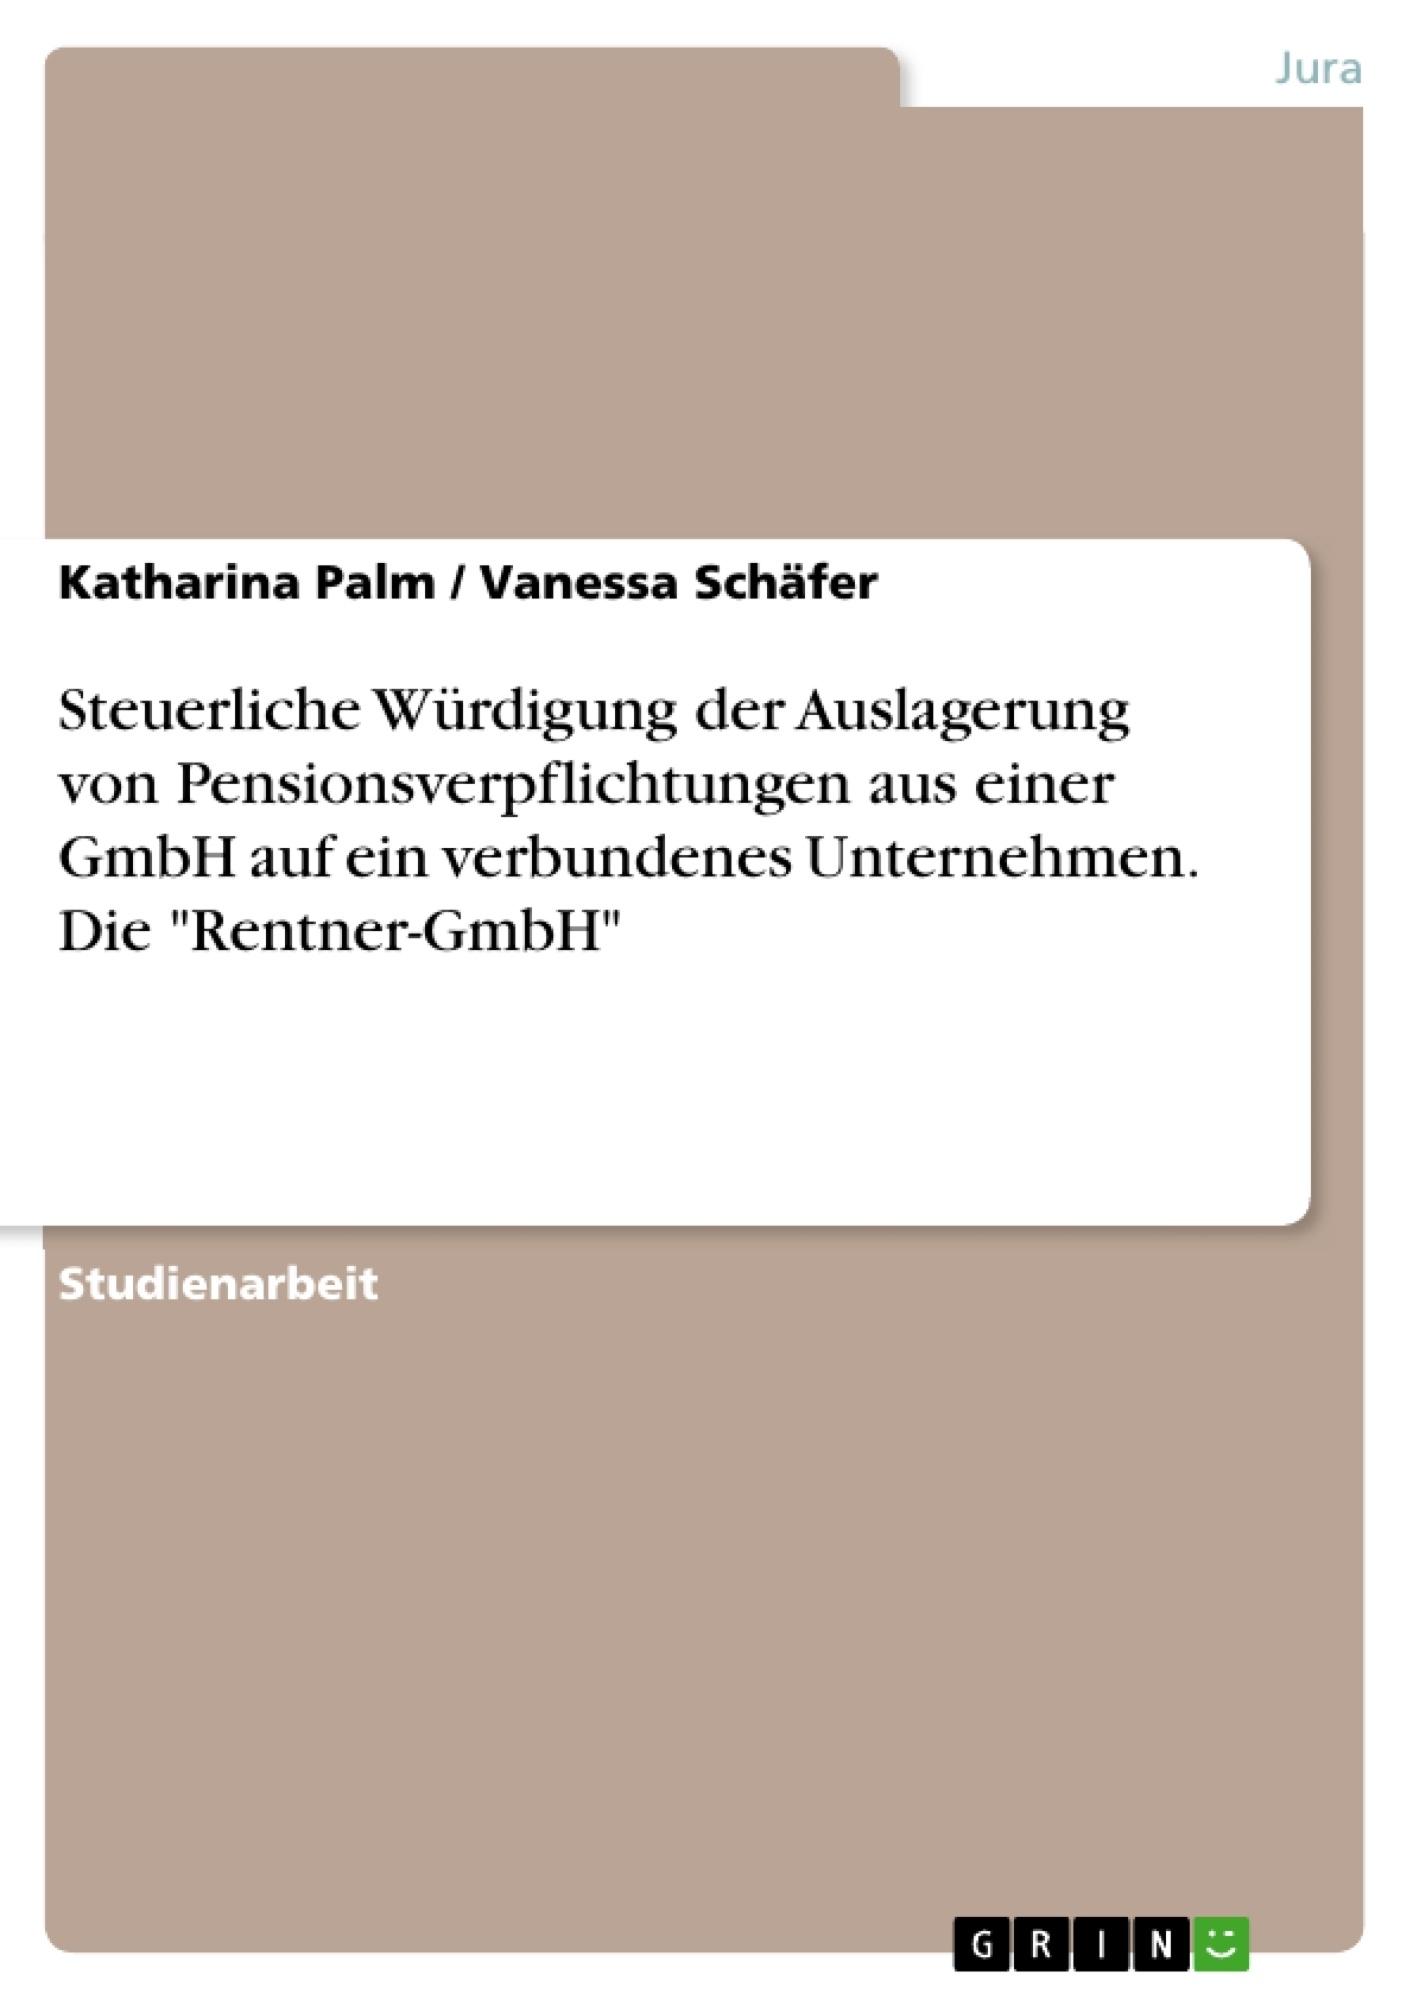 """Titel: Steuerliche Würdigung der Auslagerung von Pensionsverpflichtungen aus einer GmbH auf ein  verbundenes Unternehmen. Die """"Rentner-GmbH"""""""